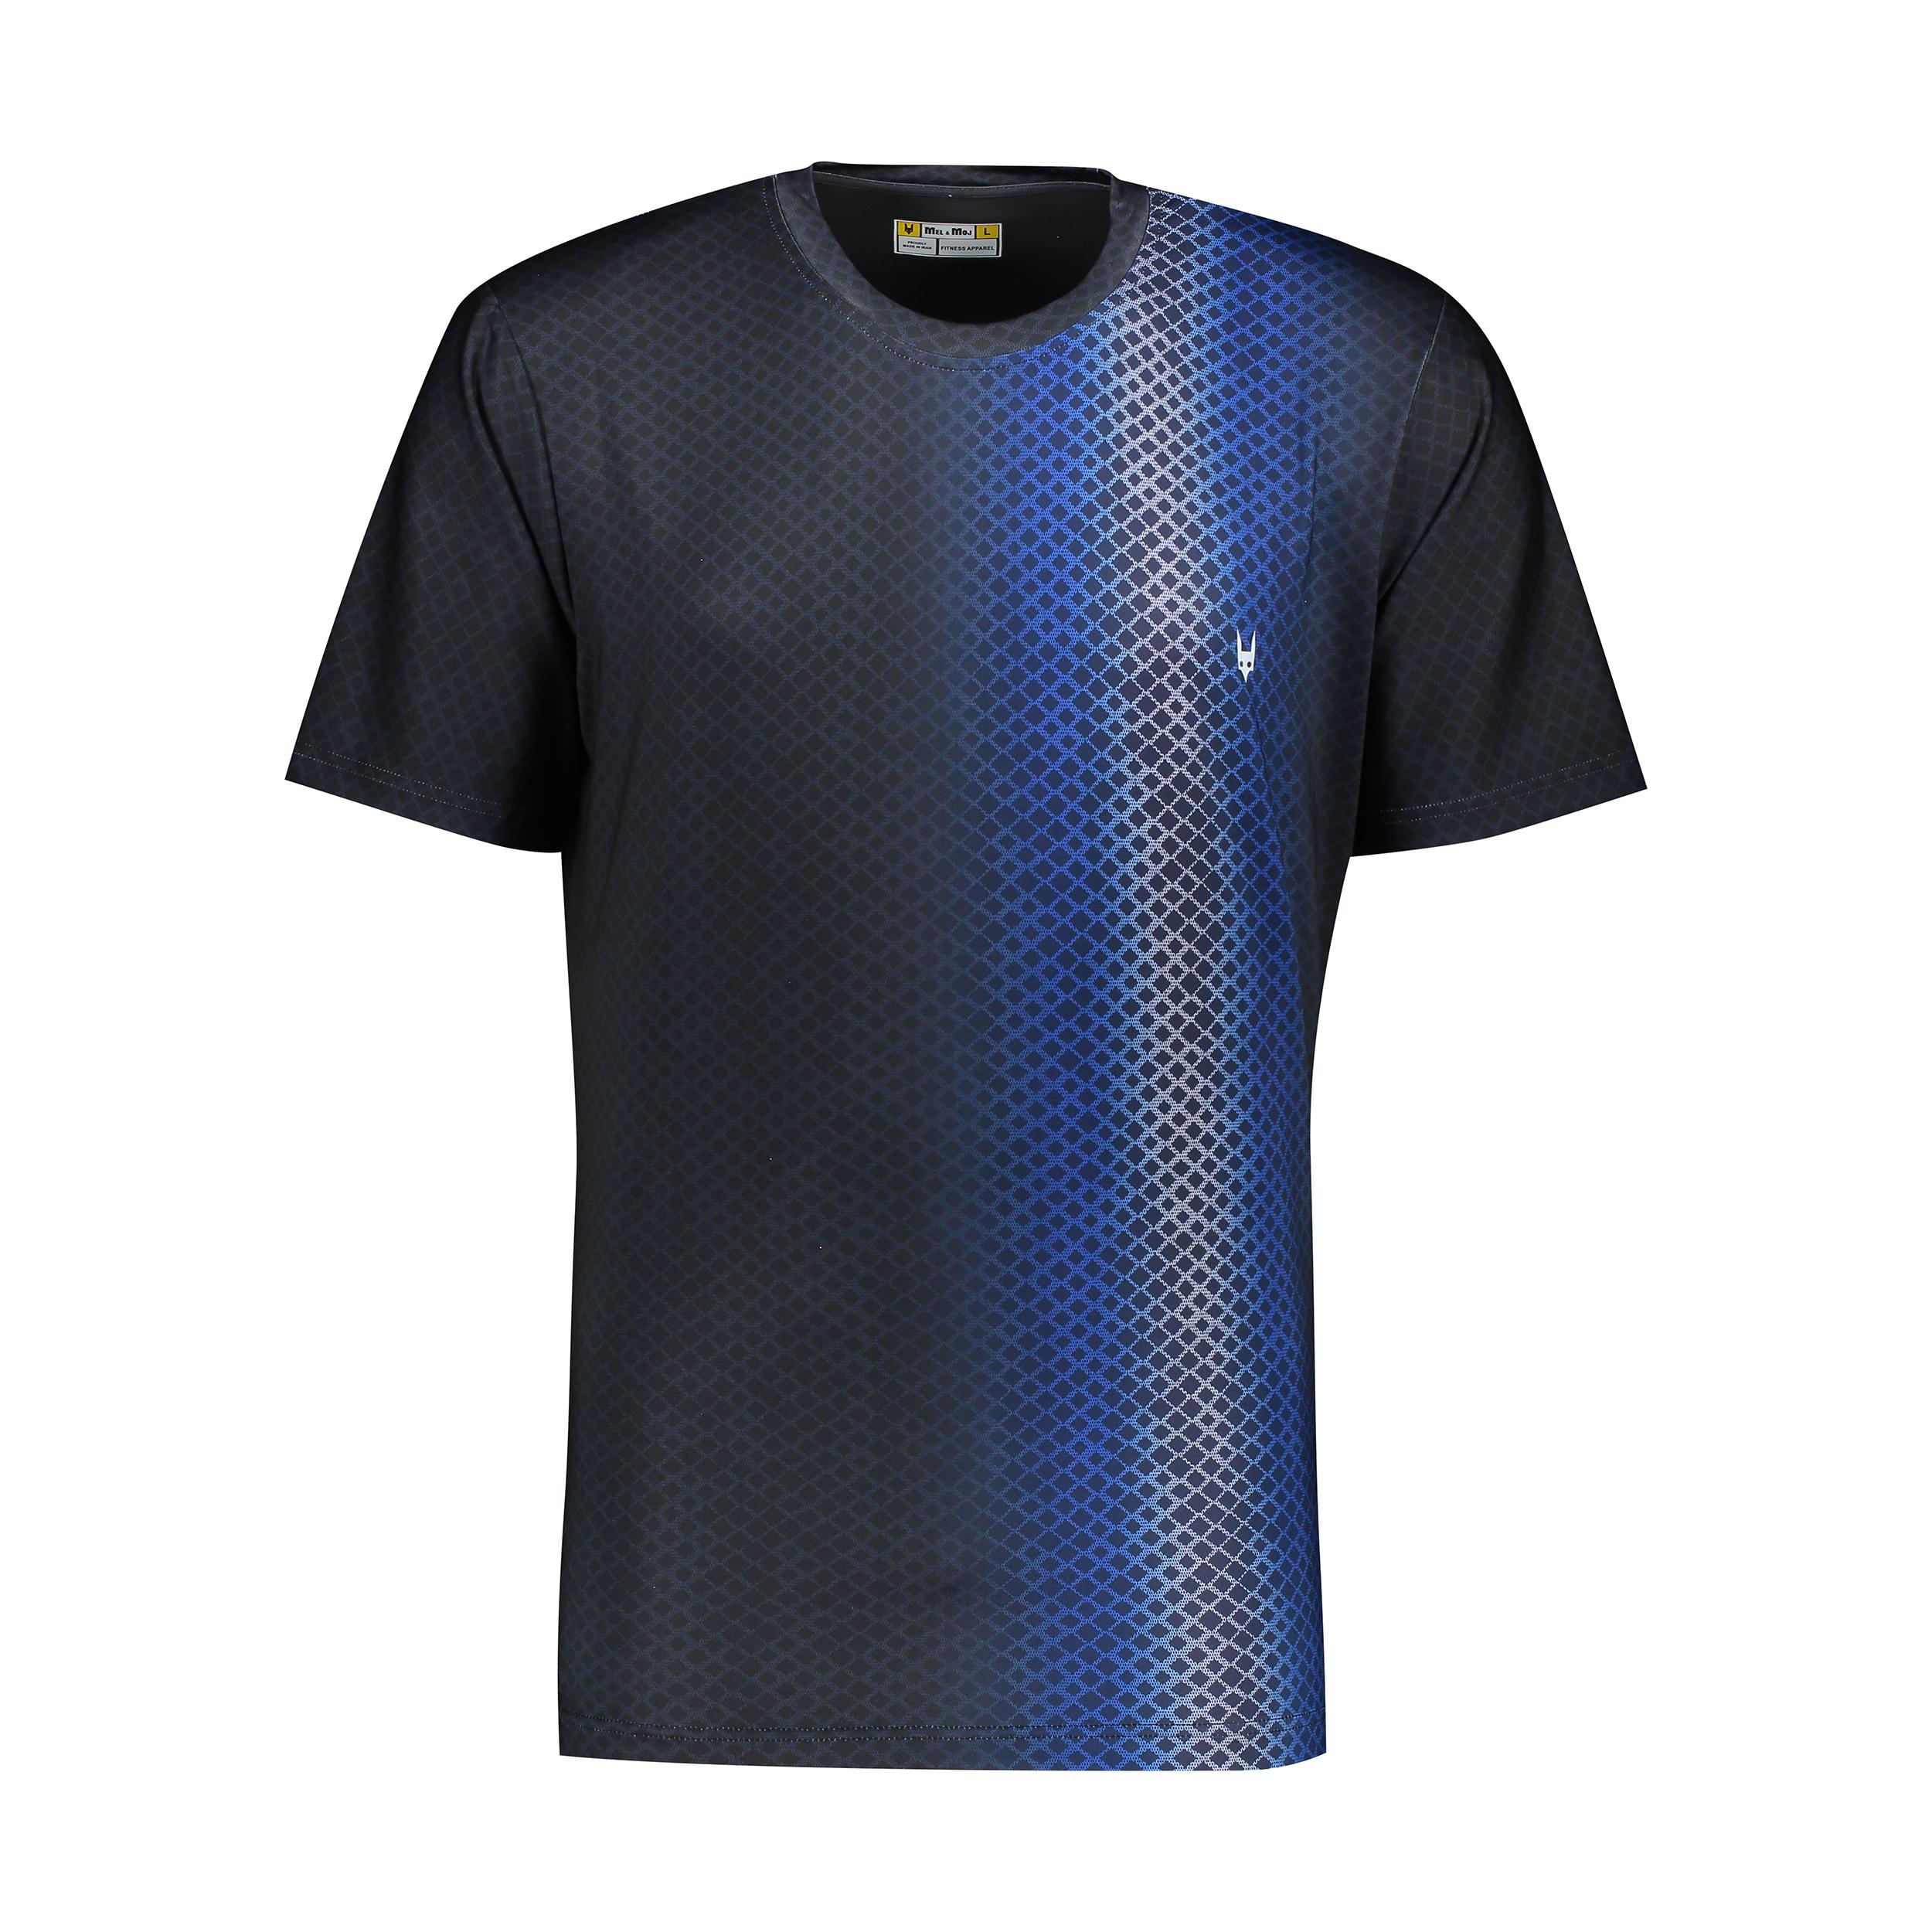 تی شرت ورزشی مردانه مل اند موژ مدل M06318-001